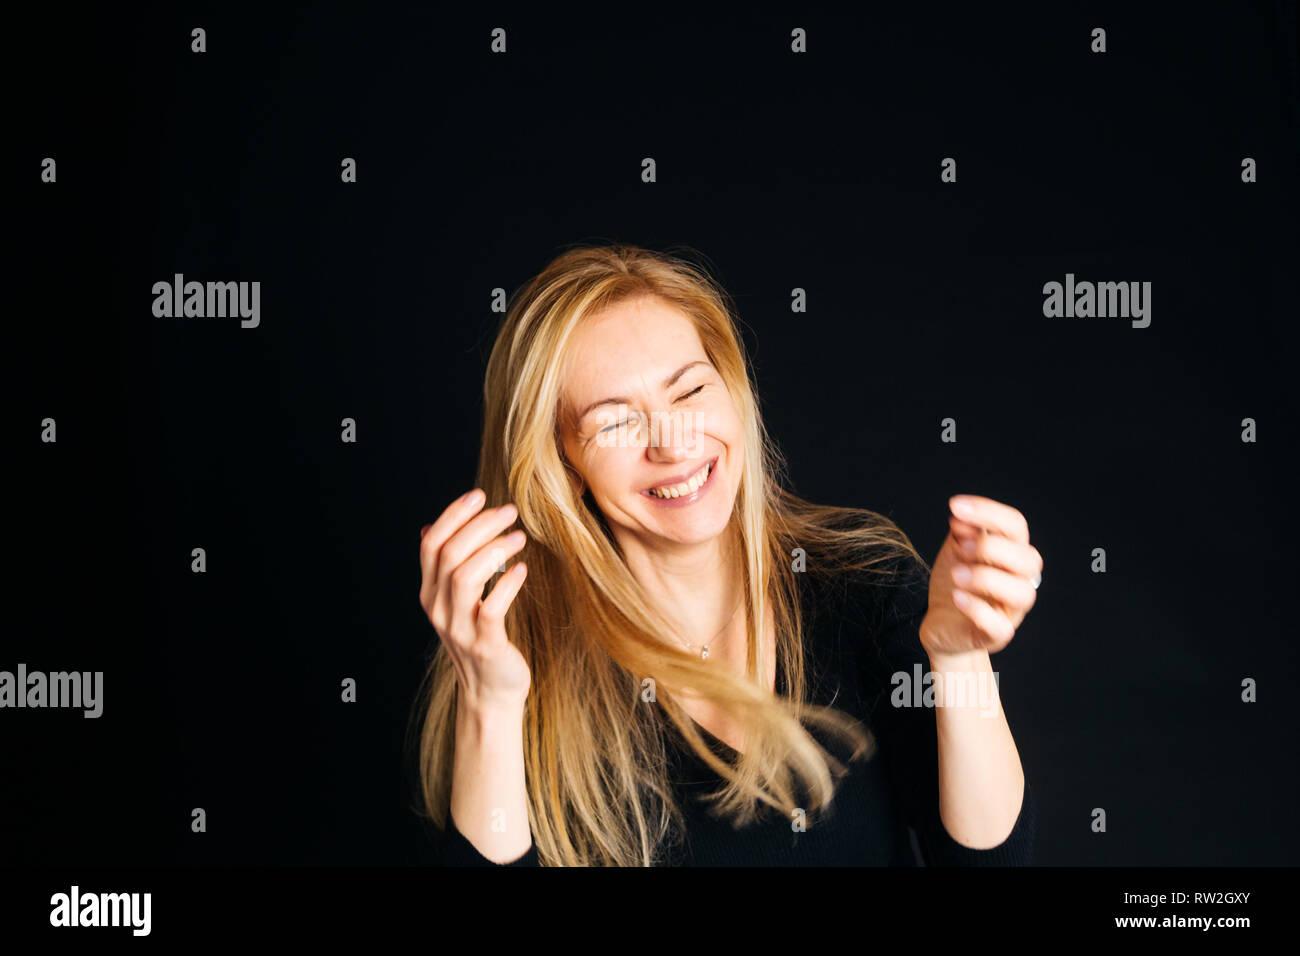 Close up studio ritratto di una bella donna in abito nero, ridendo a occhi chiusi sullo sfondo nero Foto Stock